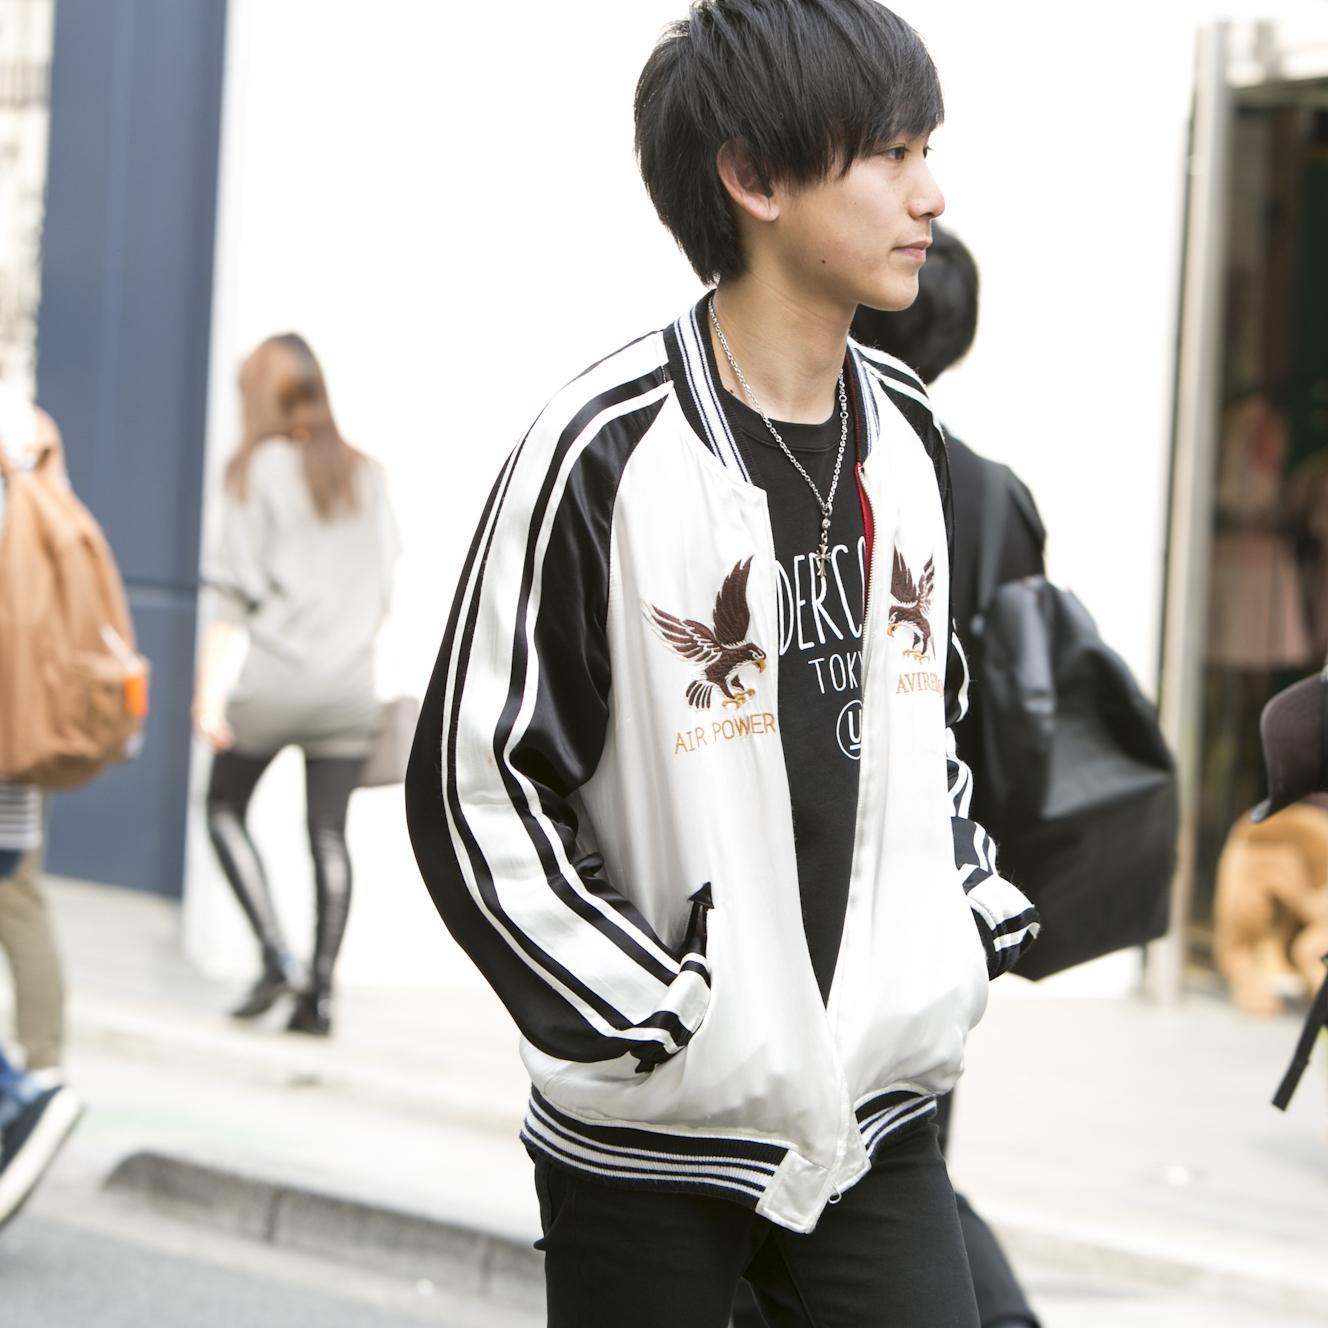 19歳・歩「登坂広臣さんをきっかけにシルバーアクセに興味が」【18-22 SNAP #020】